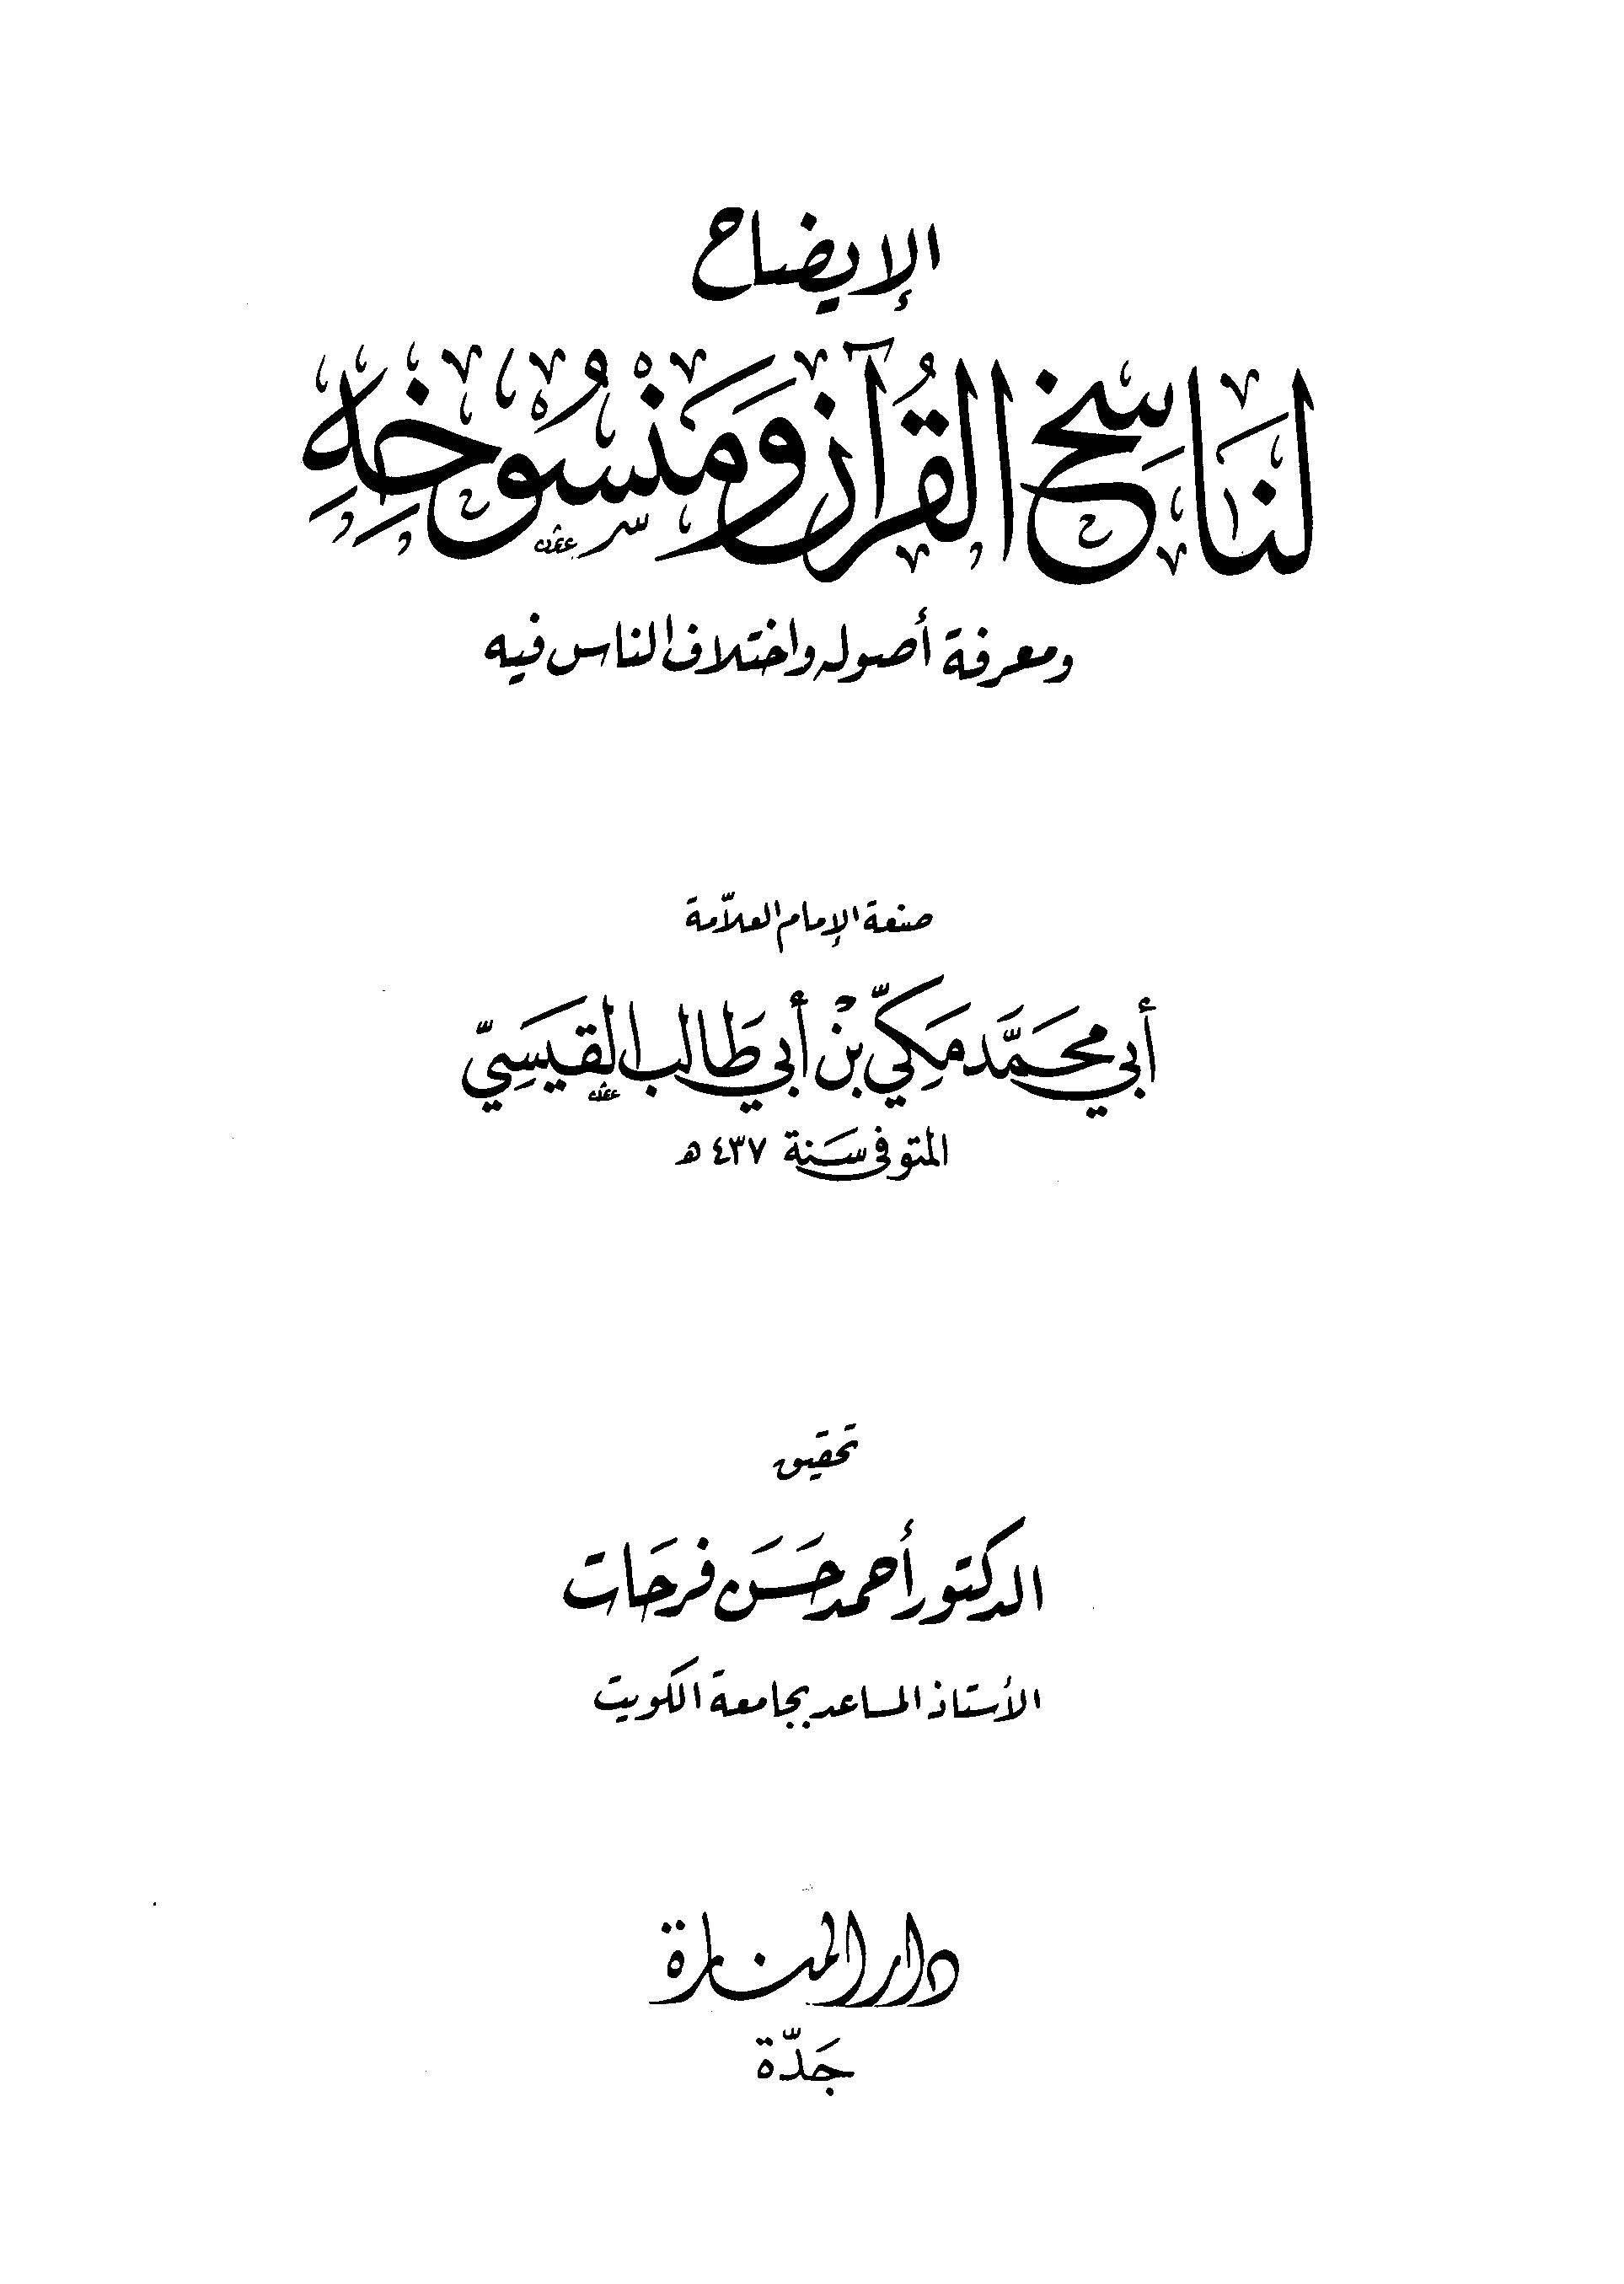 تحميل كتاب الإيضاح لناسخ القرآن ومنسوخه ومعرفة أصوله واختلاف الناس فيه لـِ: الإمام أبو محمد مكي بن أبي طالب حمّوش القيسي (ت 437)